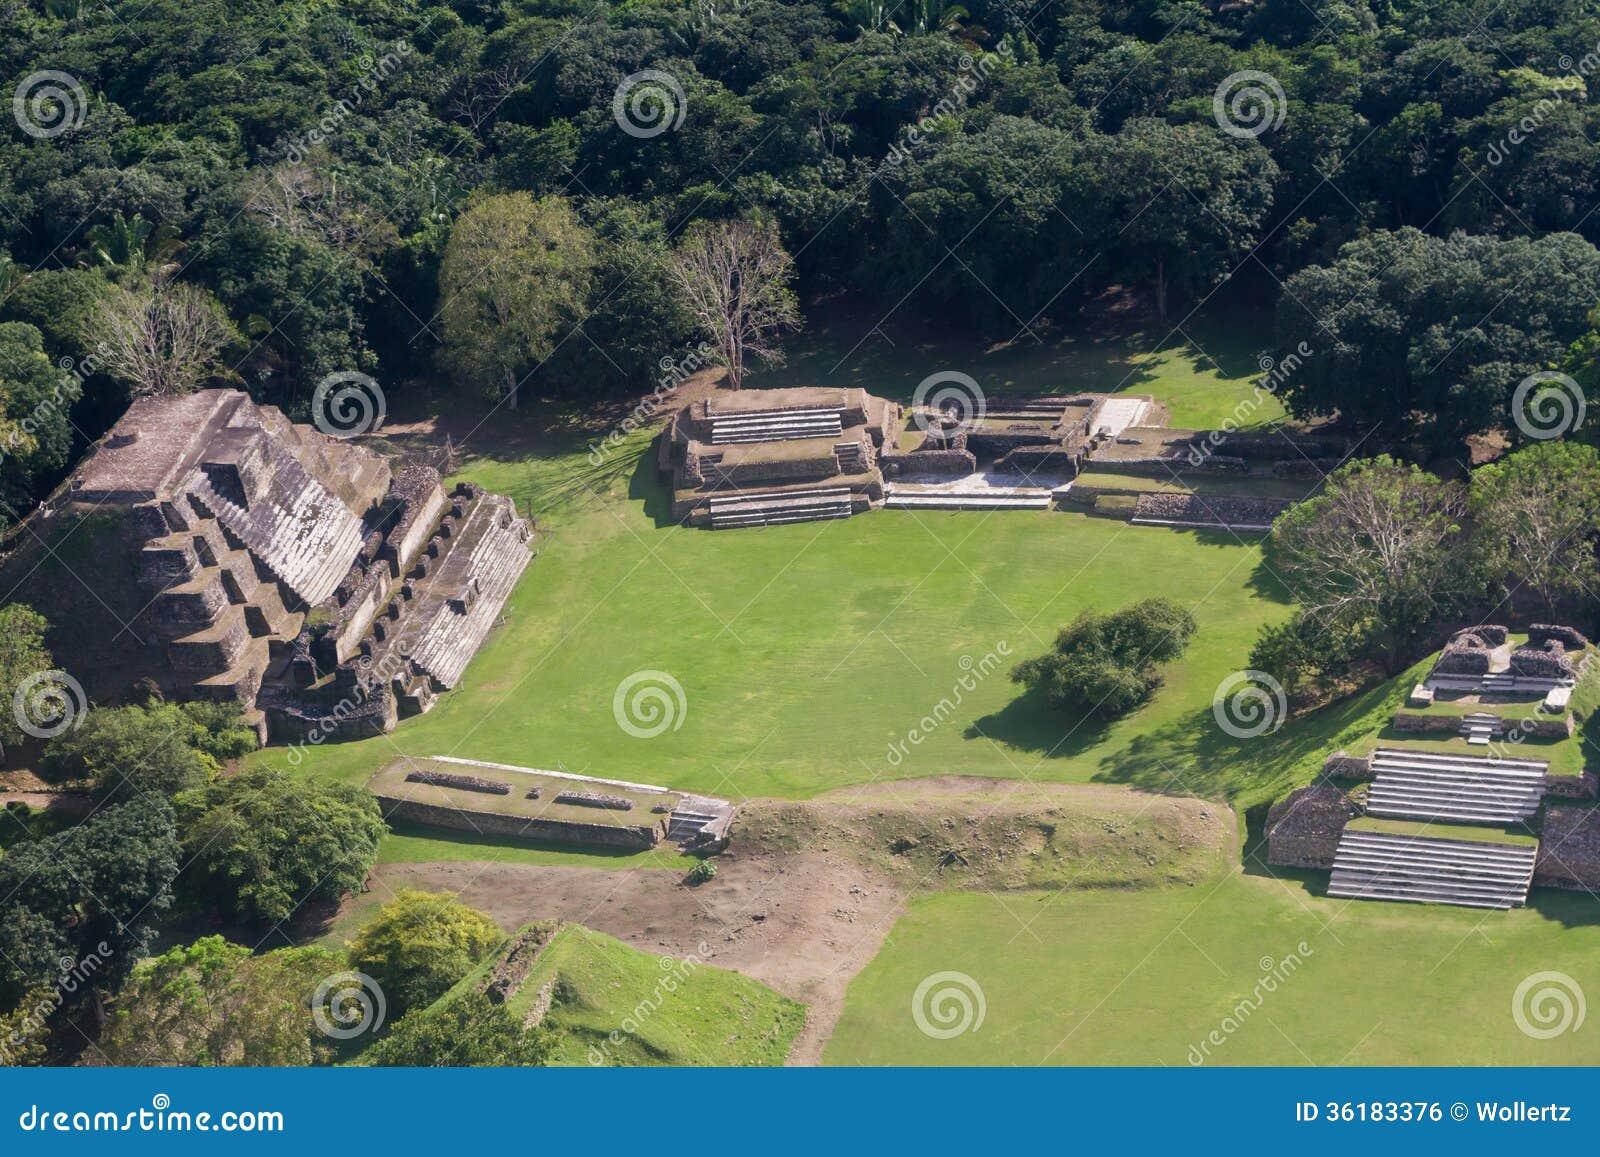 Altun Ha, Maya Ruins Royalty Free Stock Image - Image: 36183376